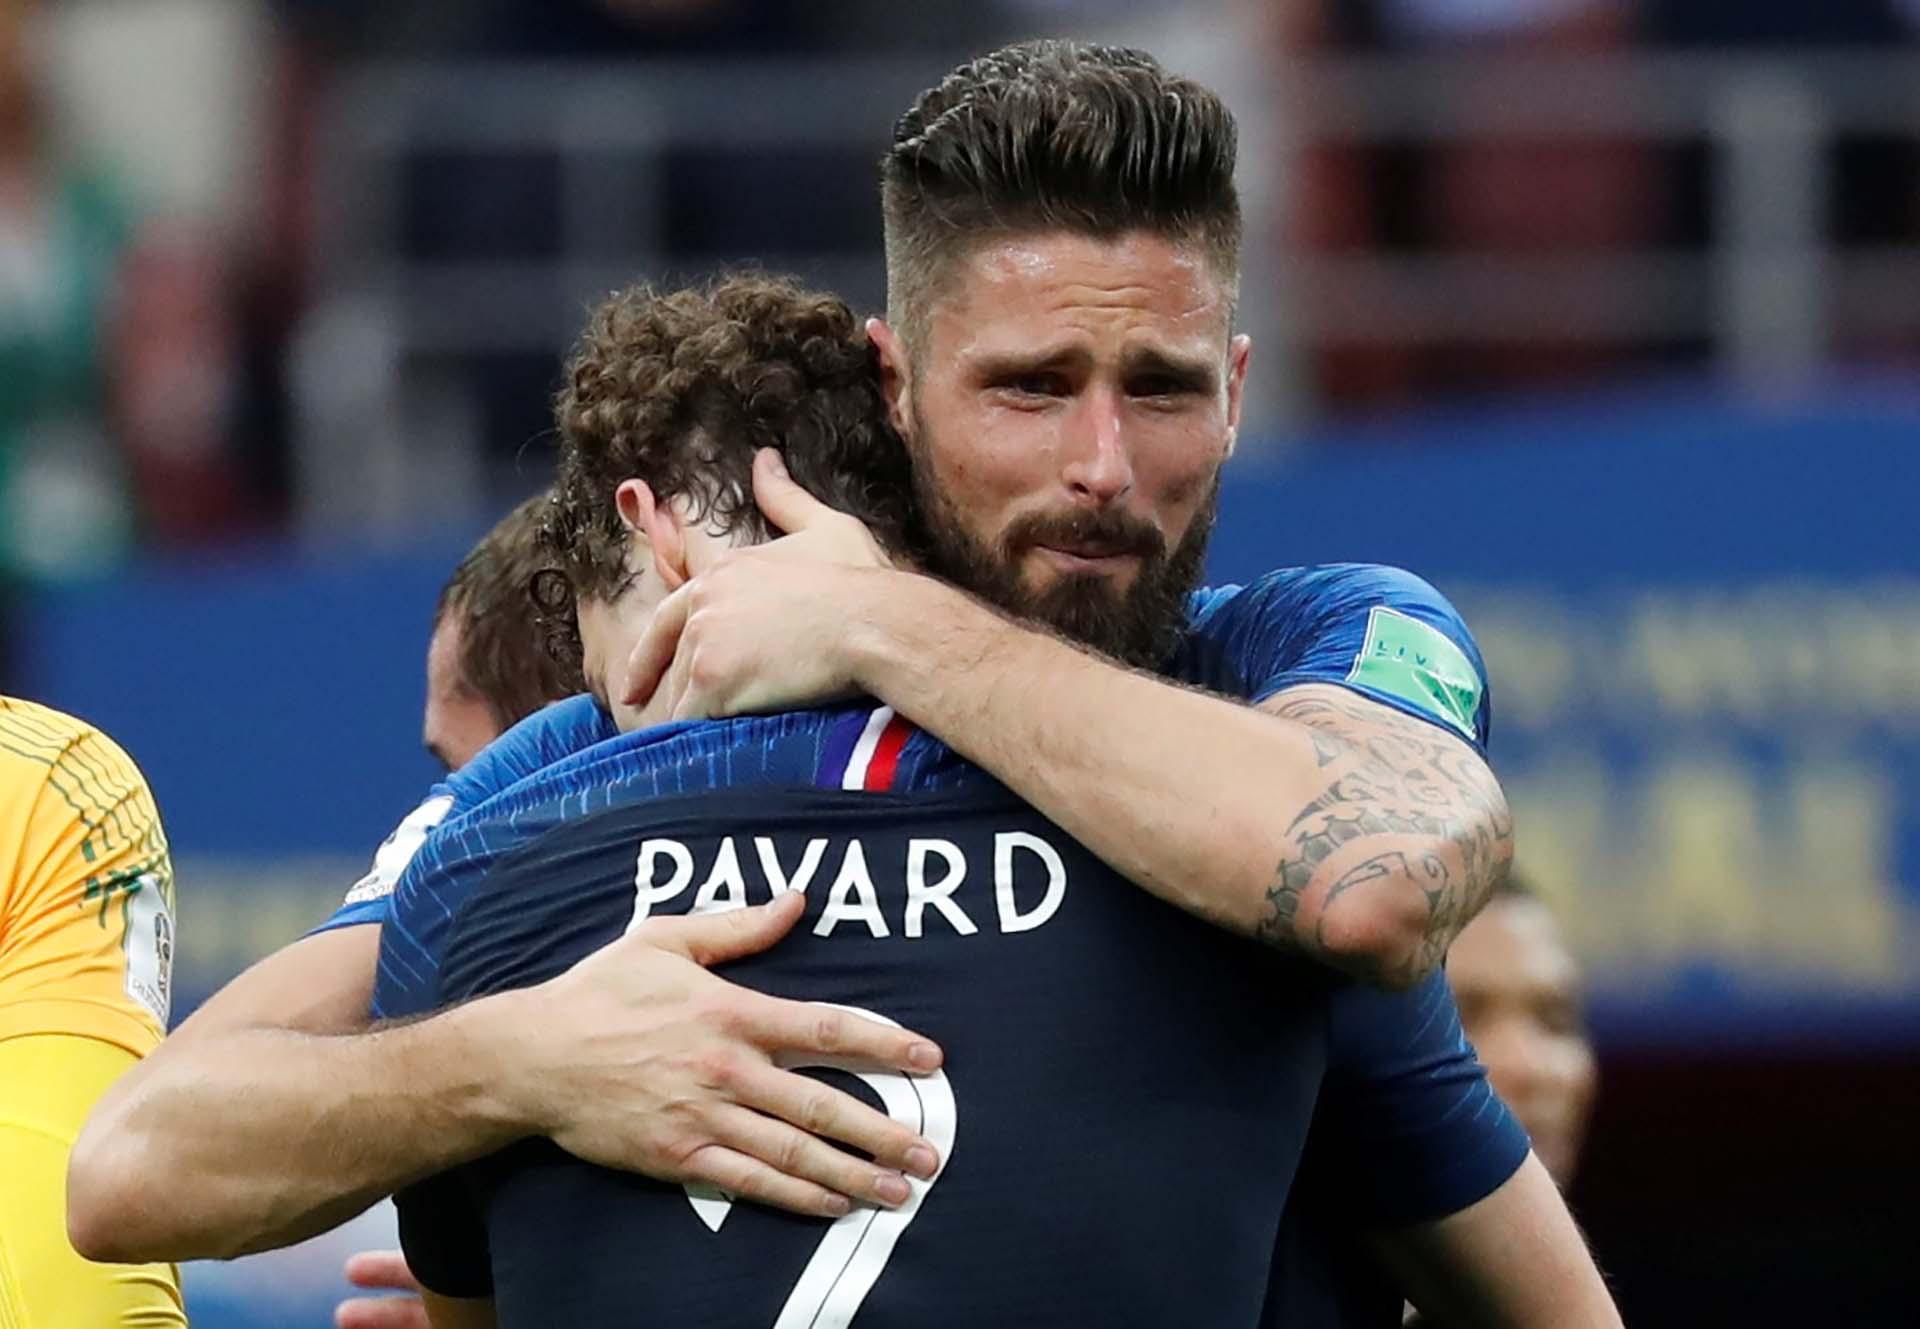 El llanto de Giroud en su abrazo con Pavard